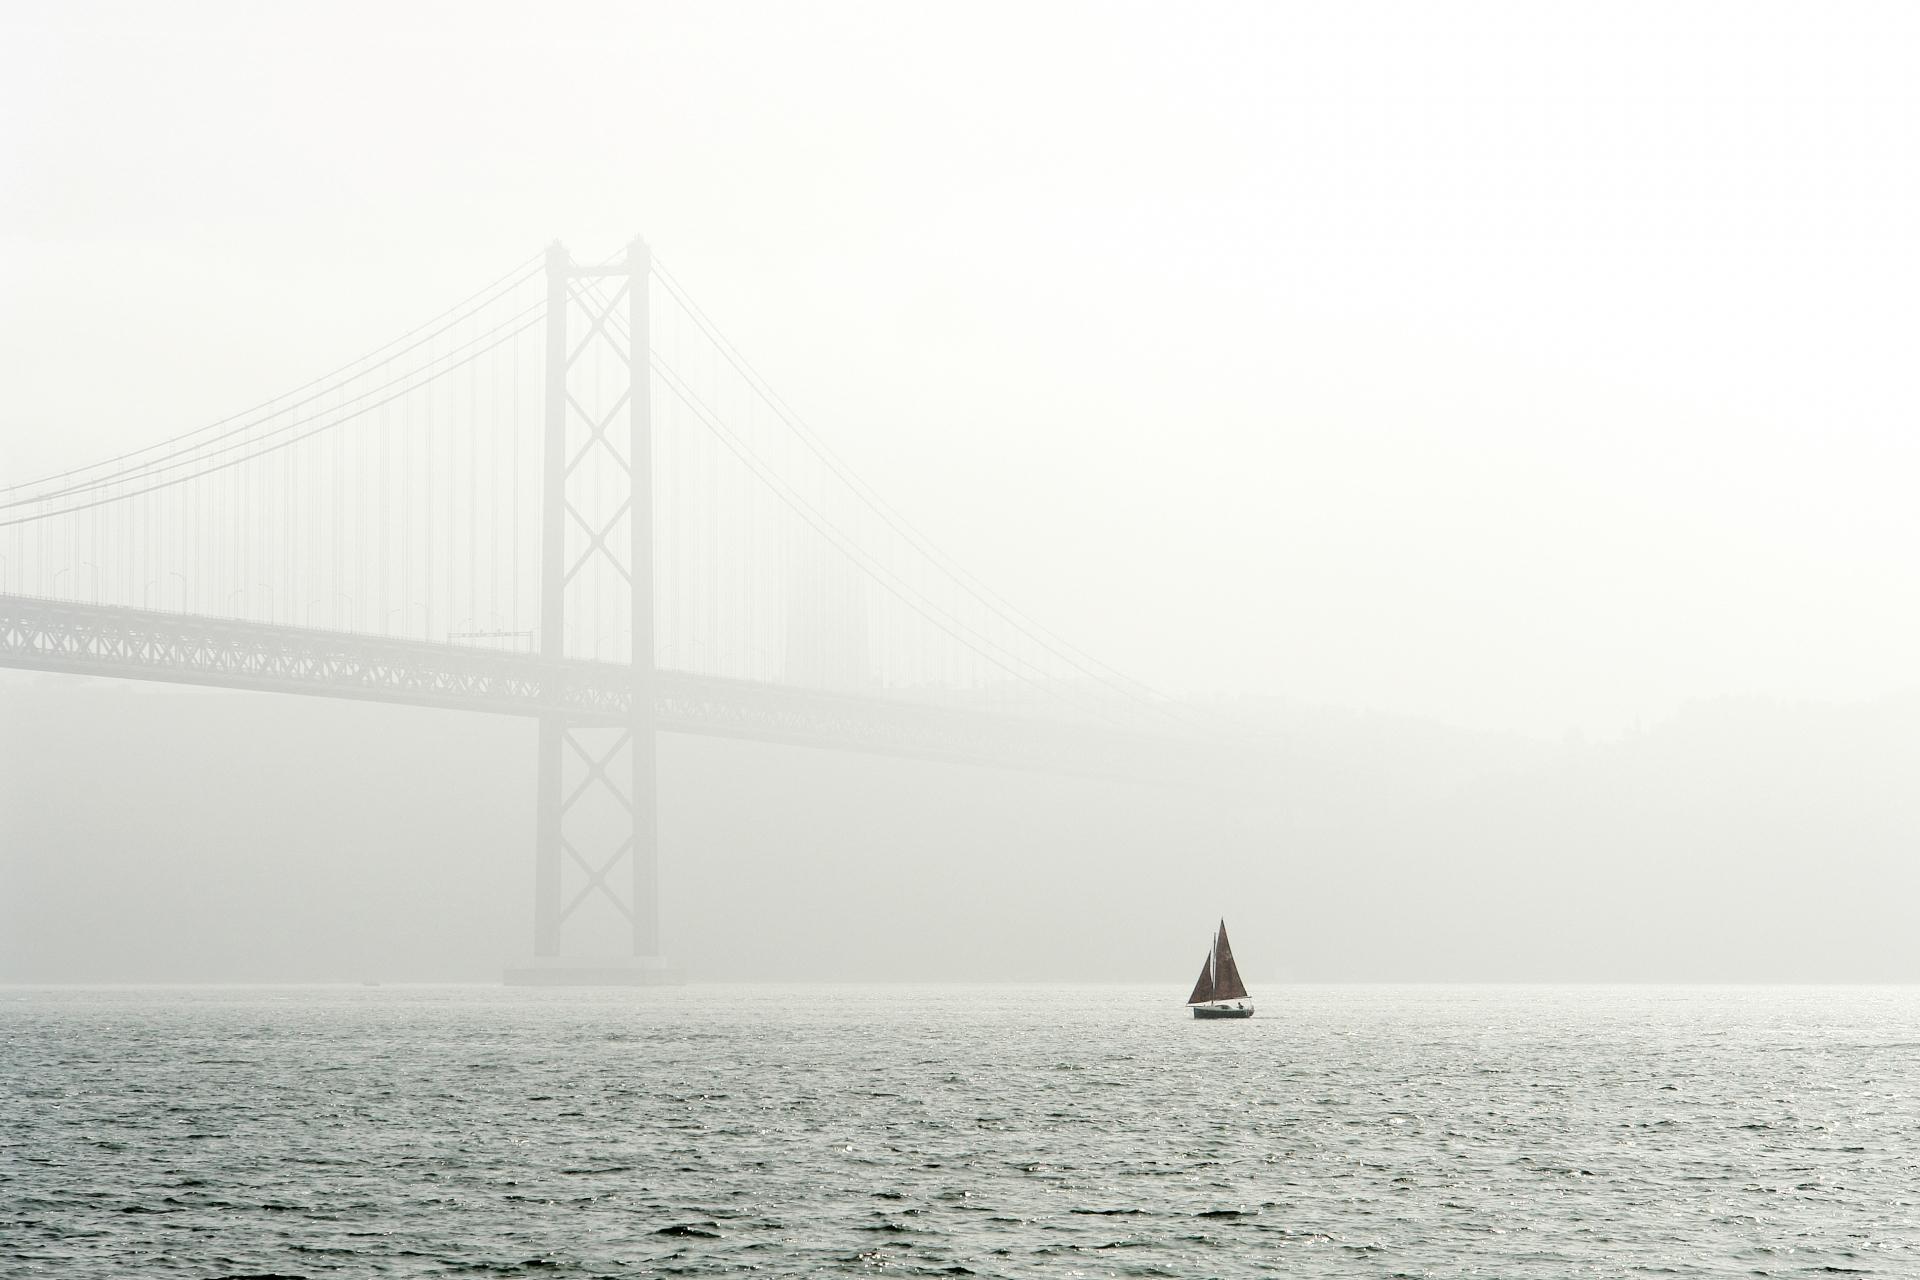 LisboaCool_Blog_Viagens gratuitas no Tejo!